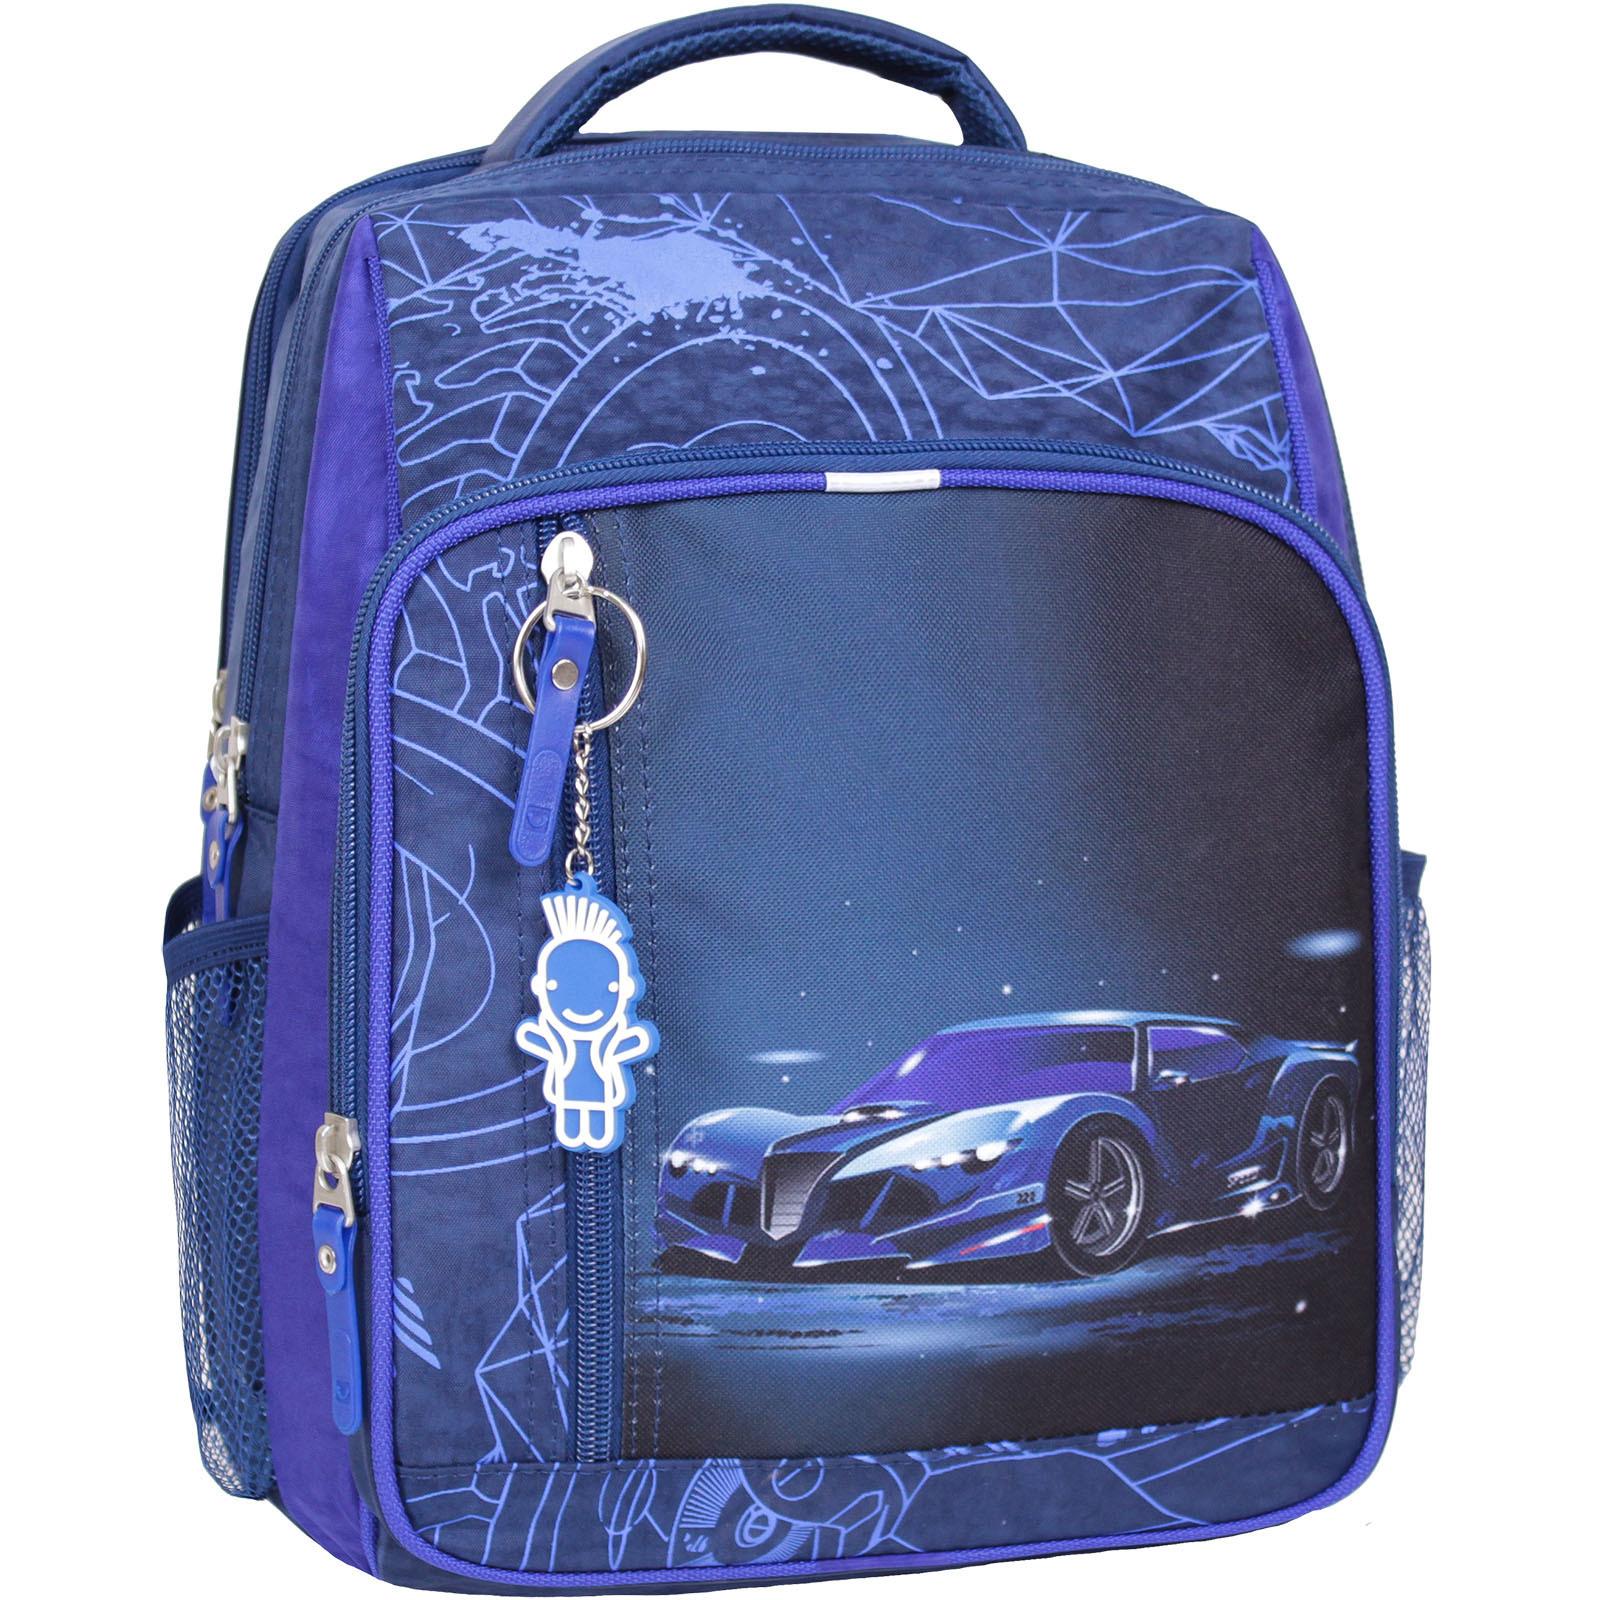 Детские рюкзаки Рюкзак школьный Bagland Школьник 8 л. синий 248 (0012870) IMG_6500-1600-248.jpg